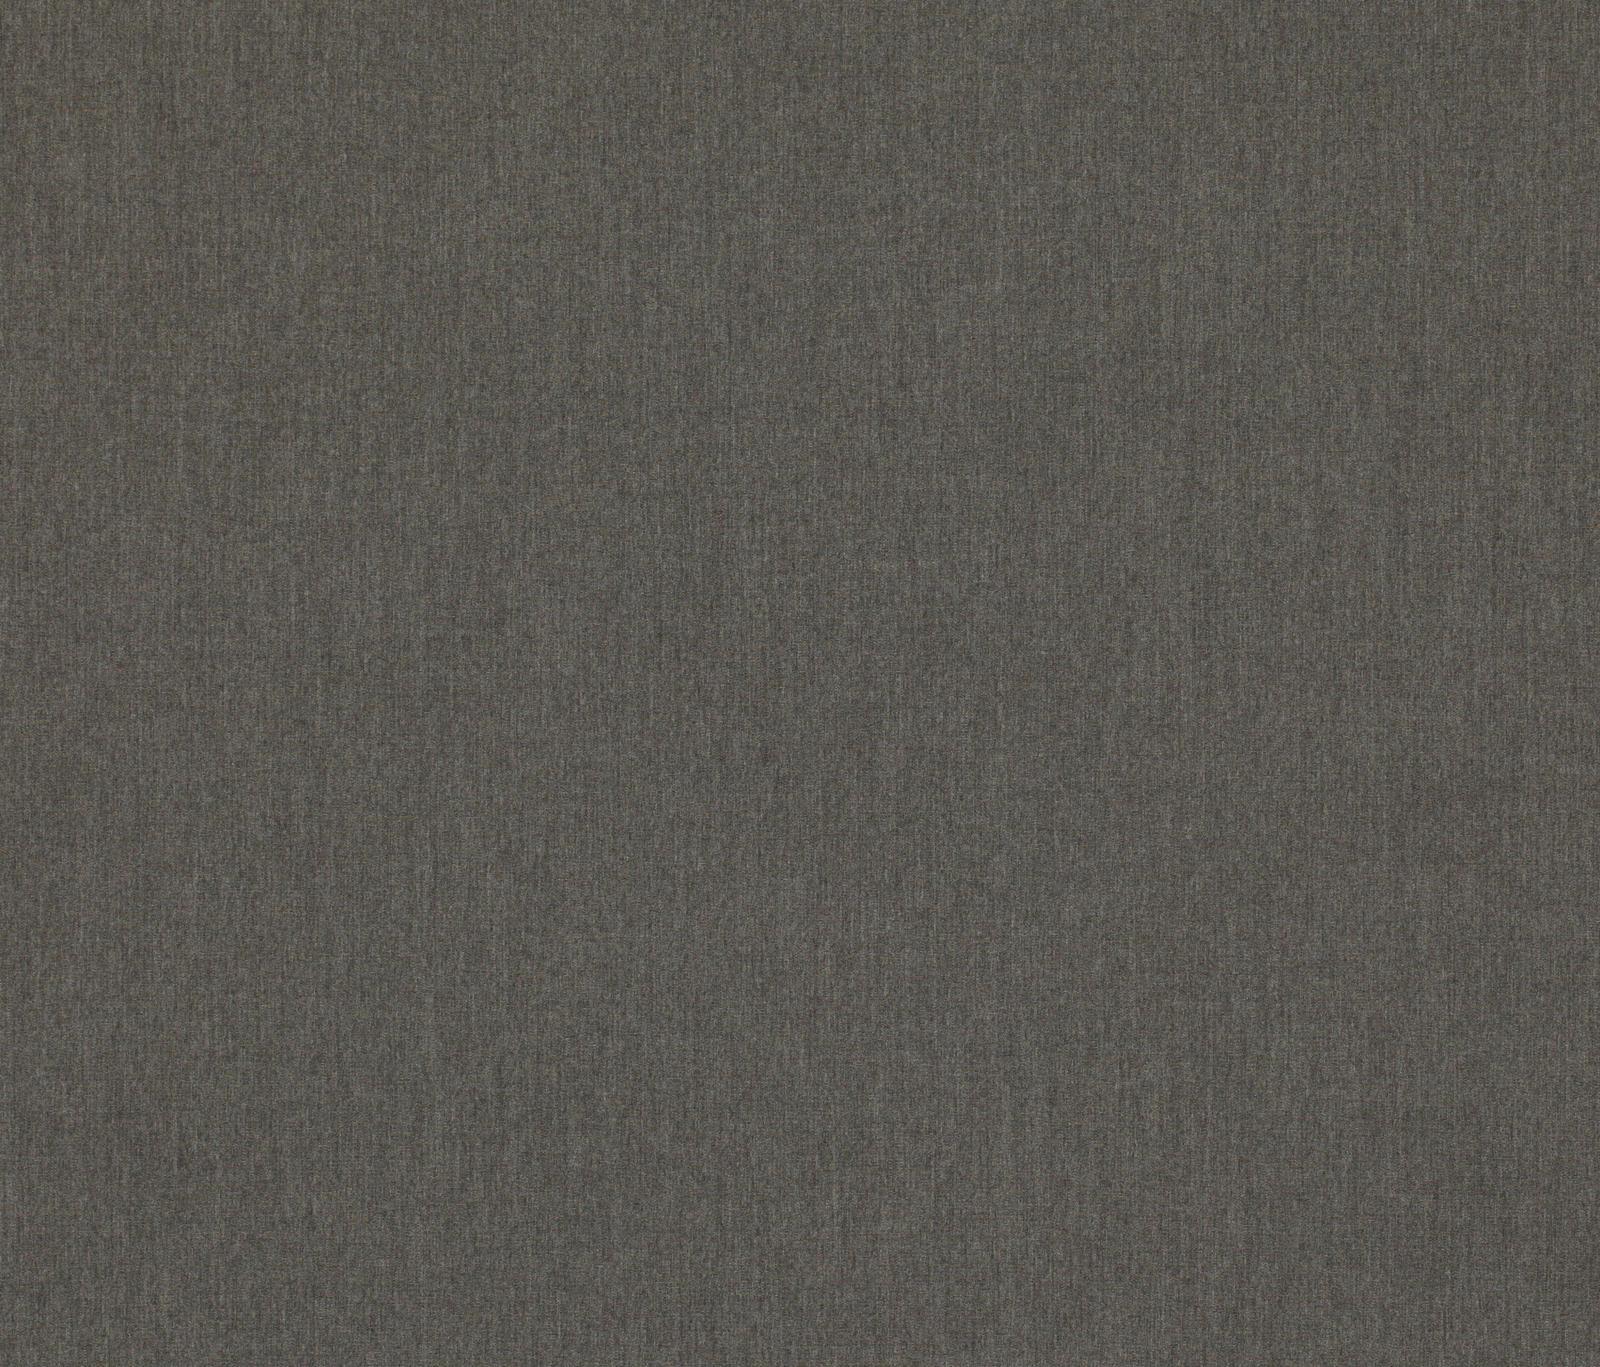 SuperSack Palettenkissen Premium - Farbkarte Flanelle